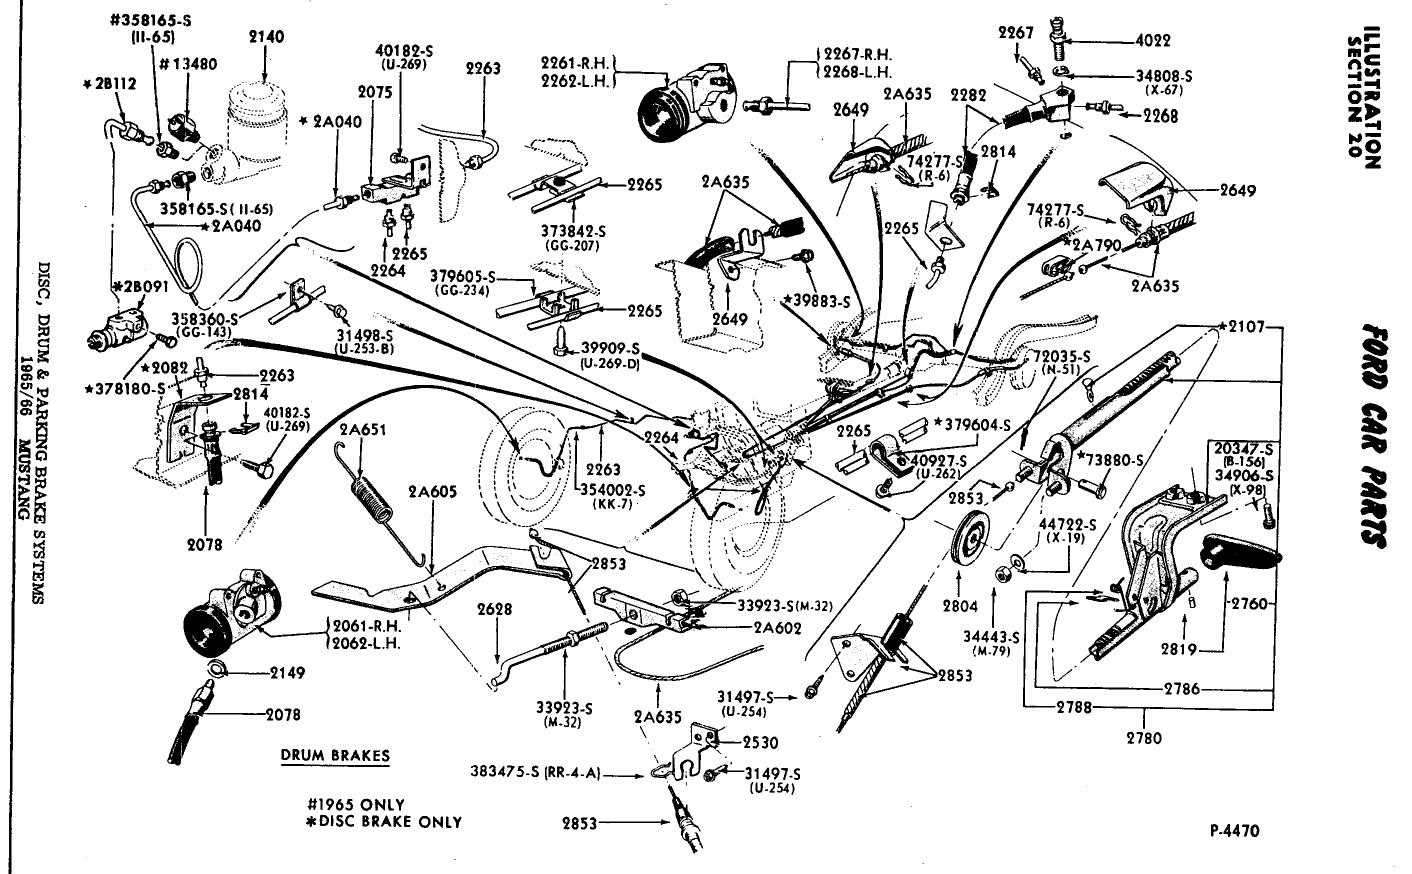 1965 Gto Rally Gauge Wiring Diagrams Schematic Barracuda Diagram Complete U2022